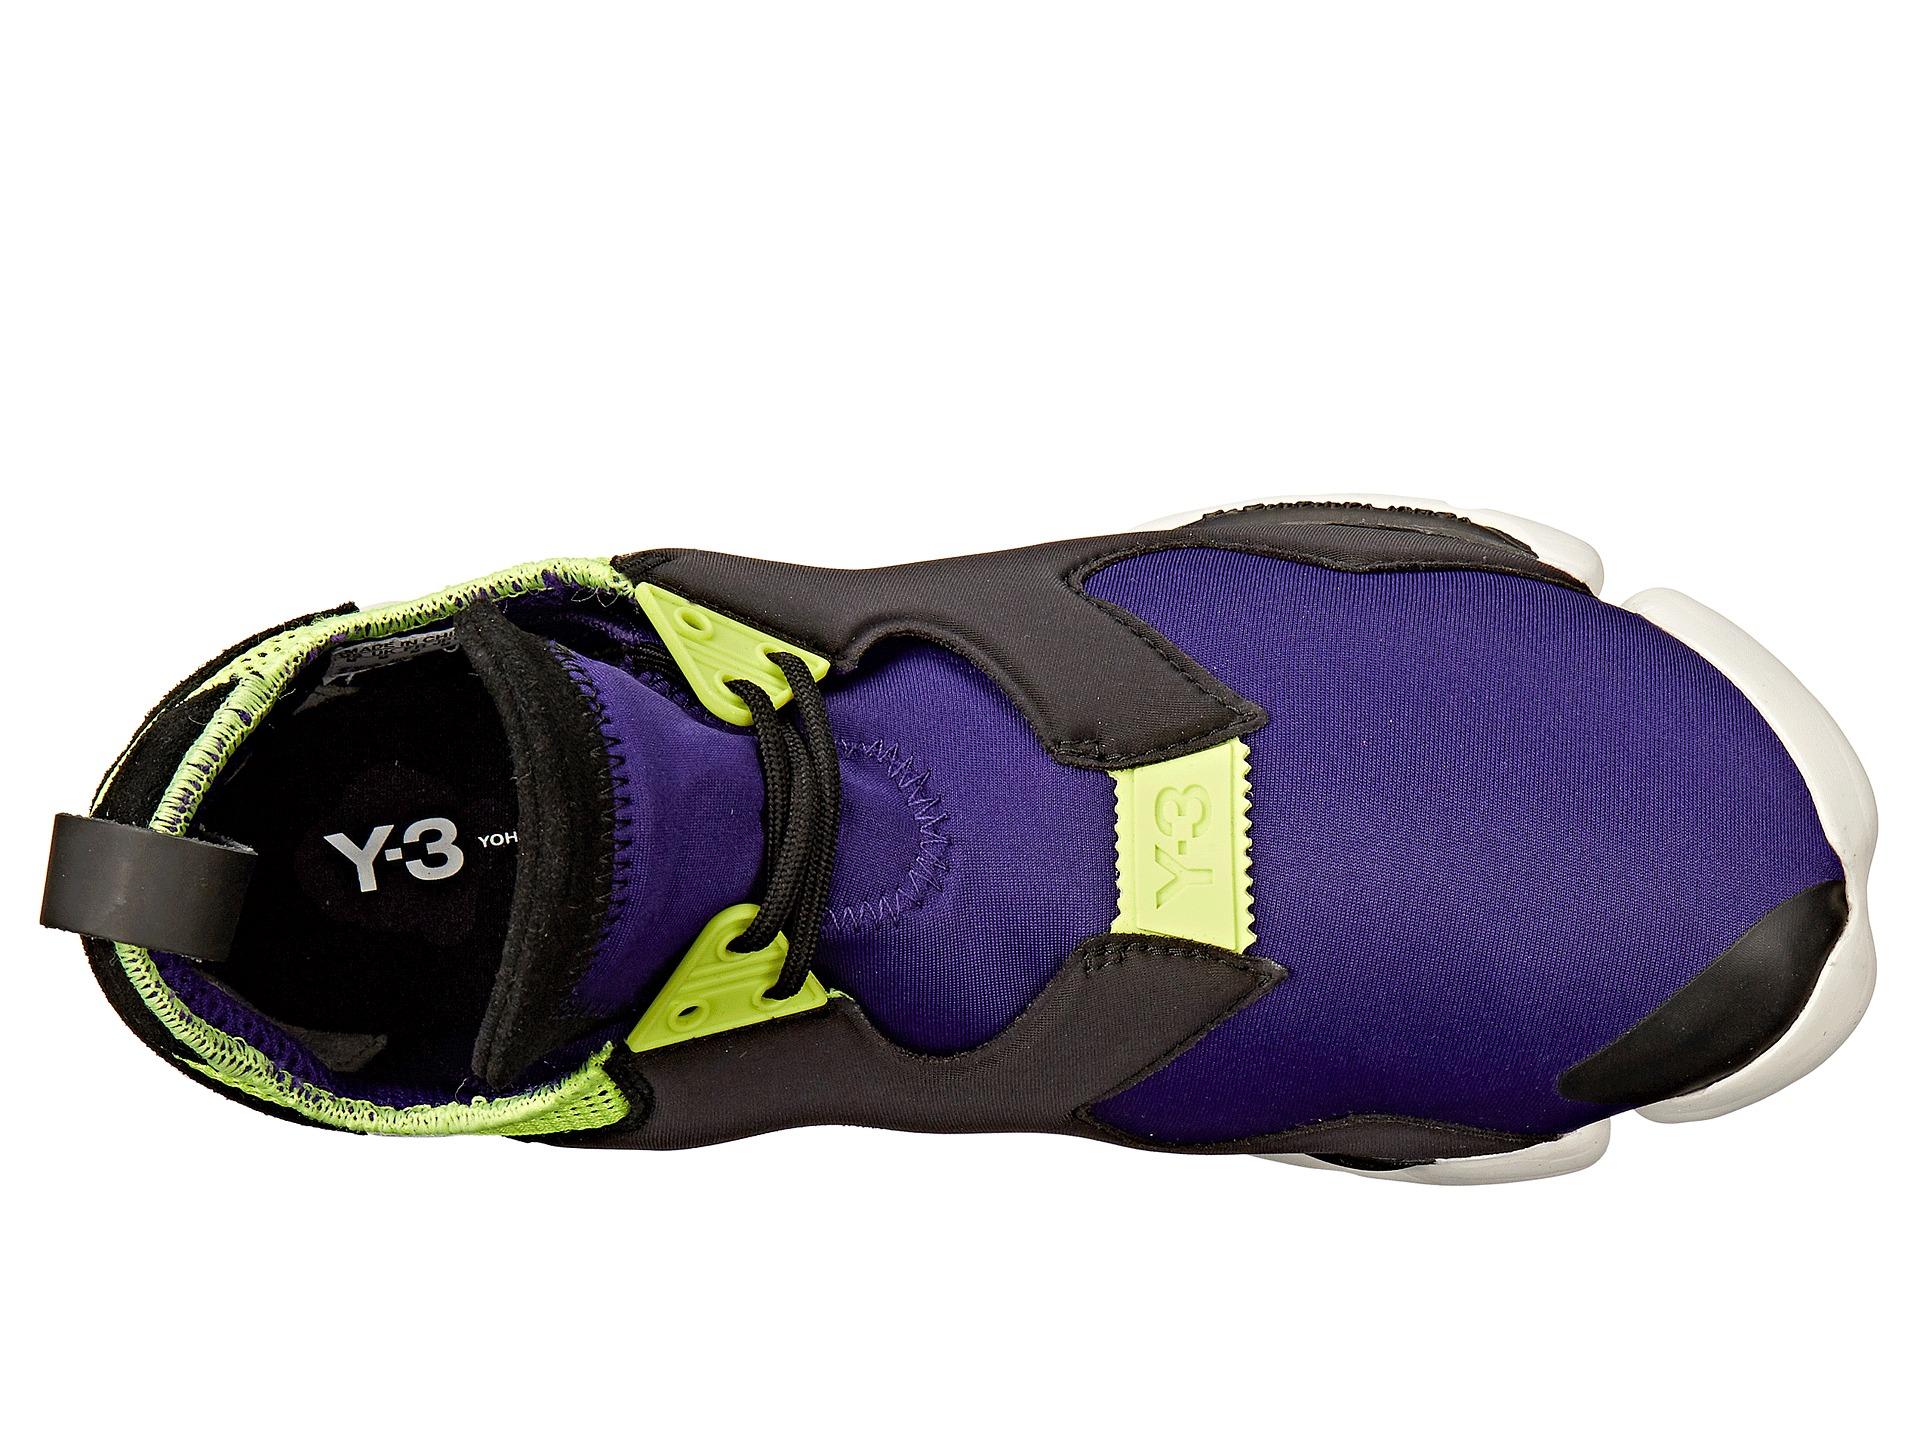 94b5464a7 Lyst - Y-3 Kohna in Purple for Men